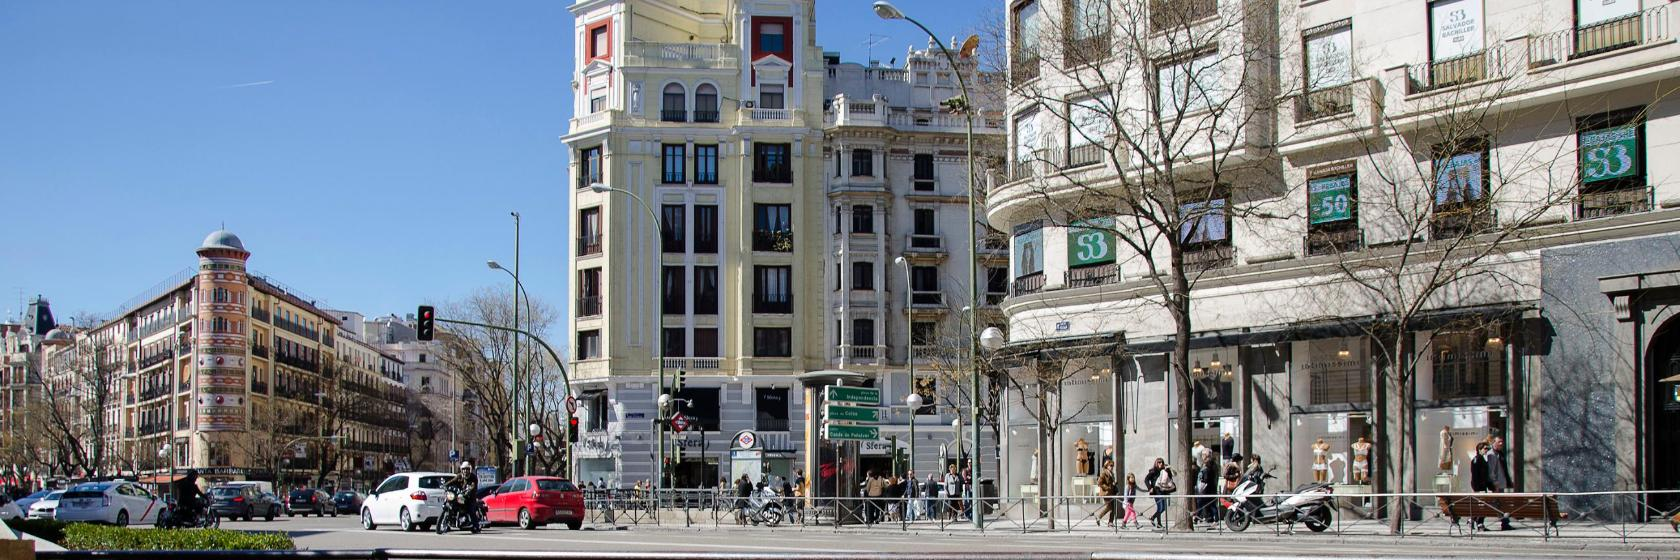 Los 10 mejores hoteles de Salamanca, Madrid, España